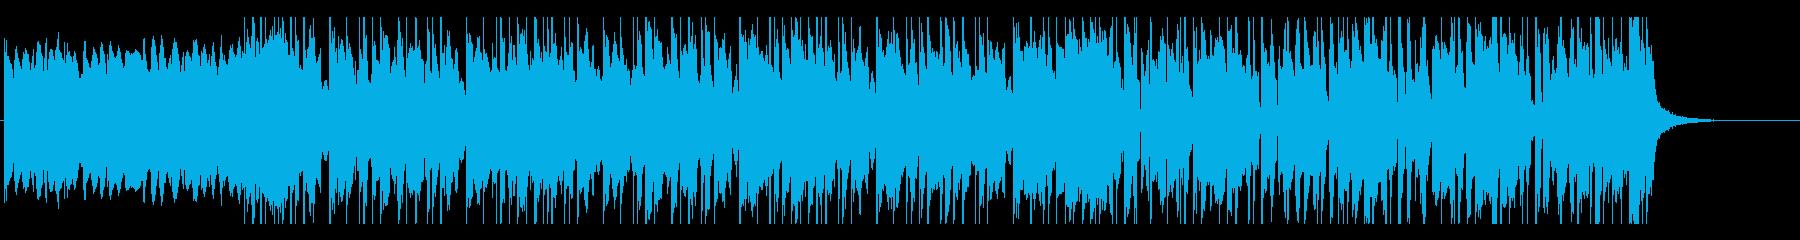 中国的ディスコミュージックの再生済みの波形